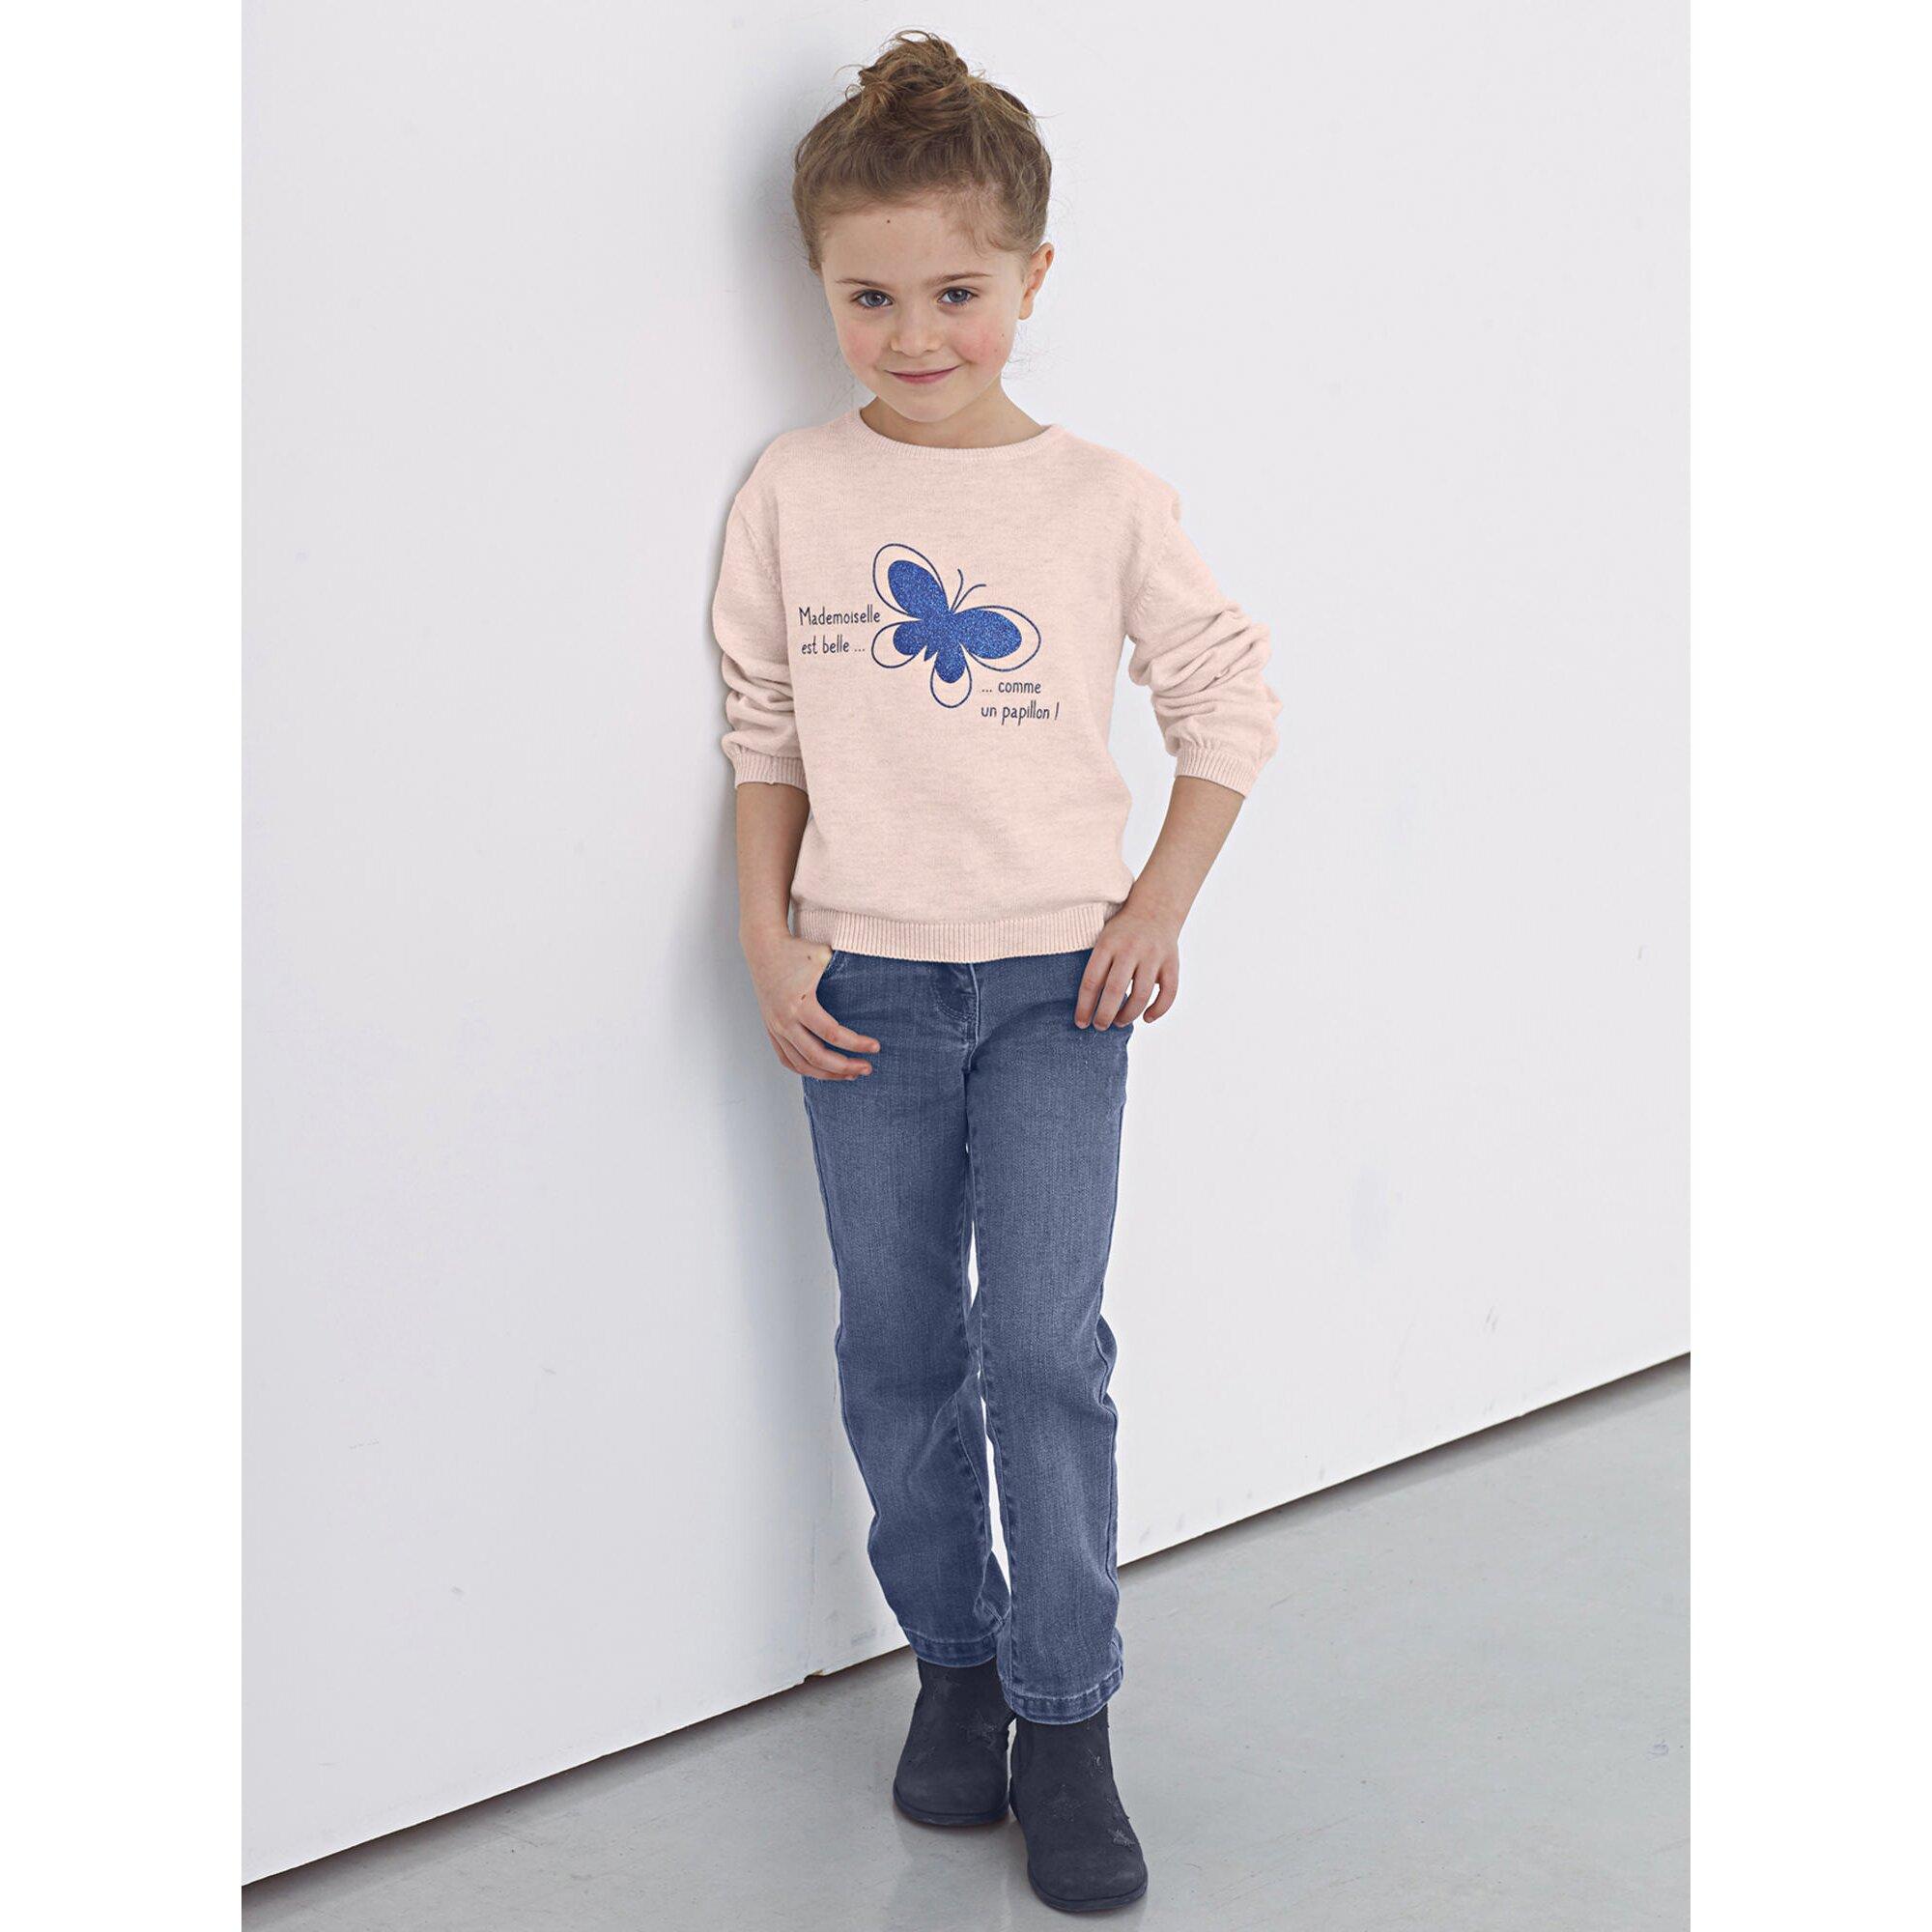 vertbaudet-stretch-jeans-fur-madchen-huftweite-comfort